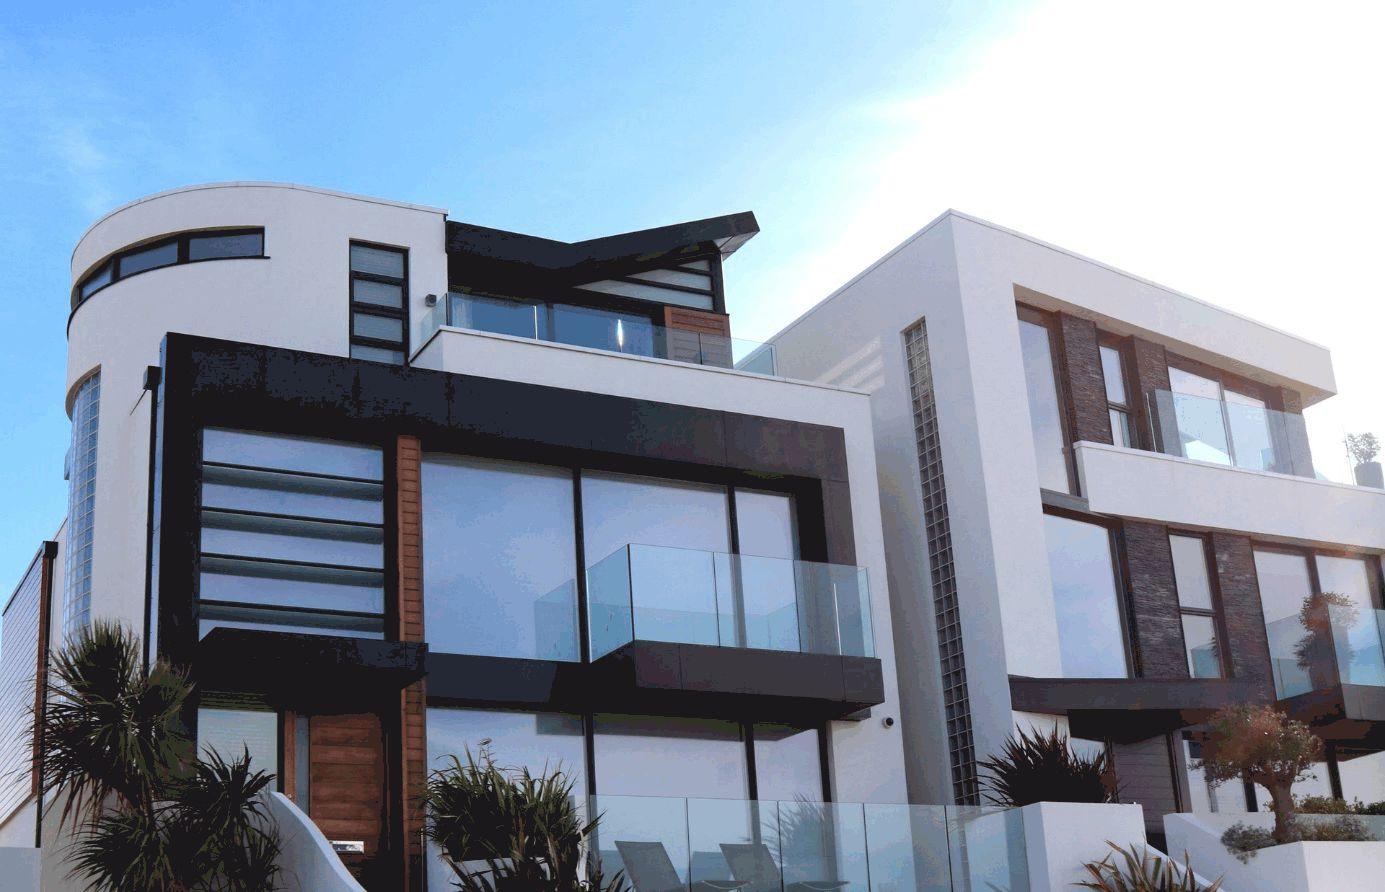 Modernes Haus mit Glasfassaden und weißer Mauer